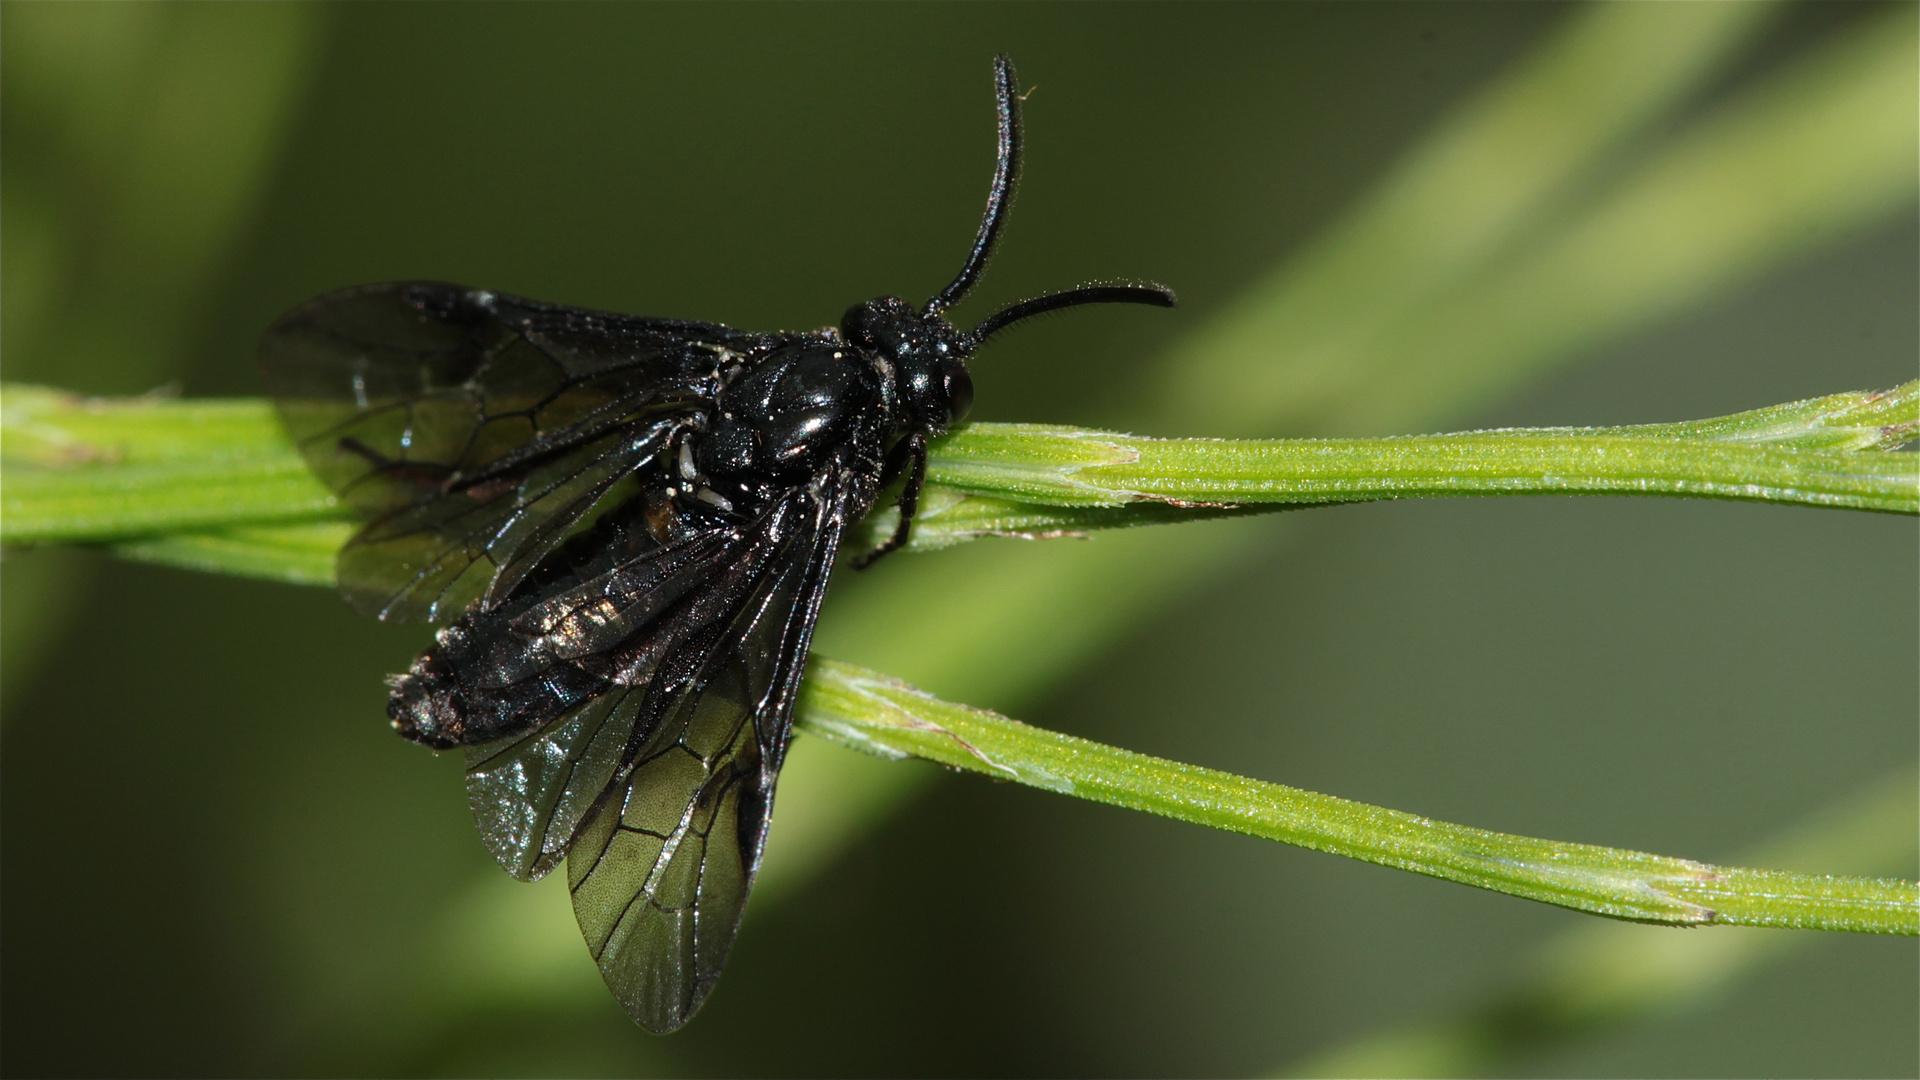 Die ganz schwarze, blauschillernde Salomonsiegel-Blattwespe (Phymatocera aterrima) - 4.5.15 bestimmt